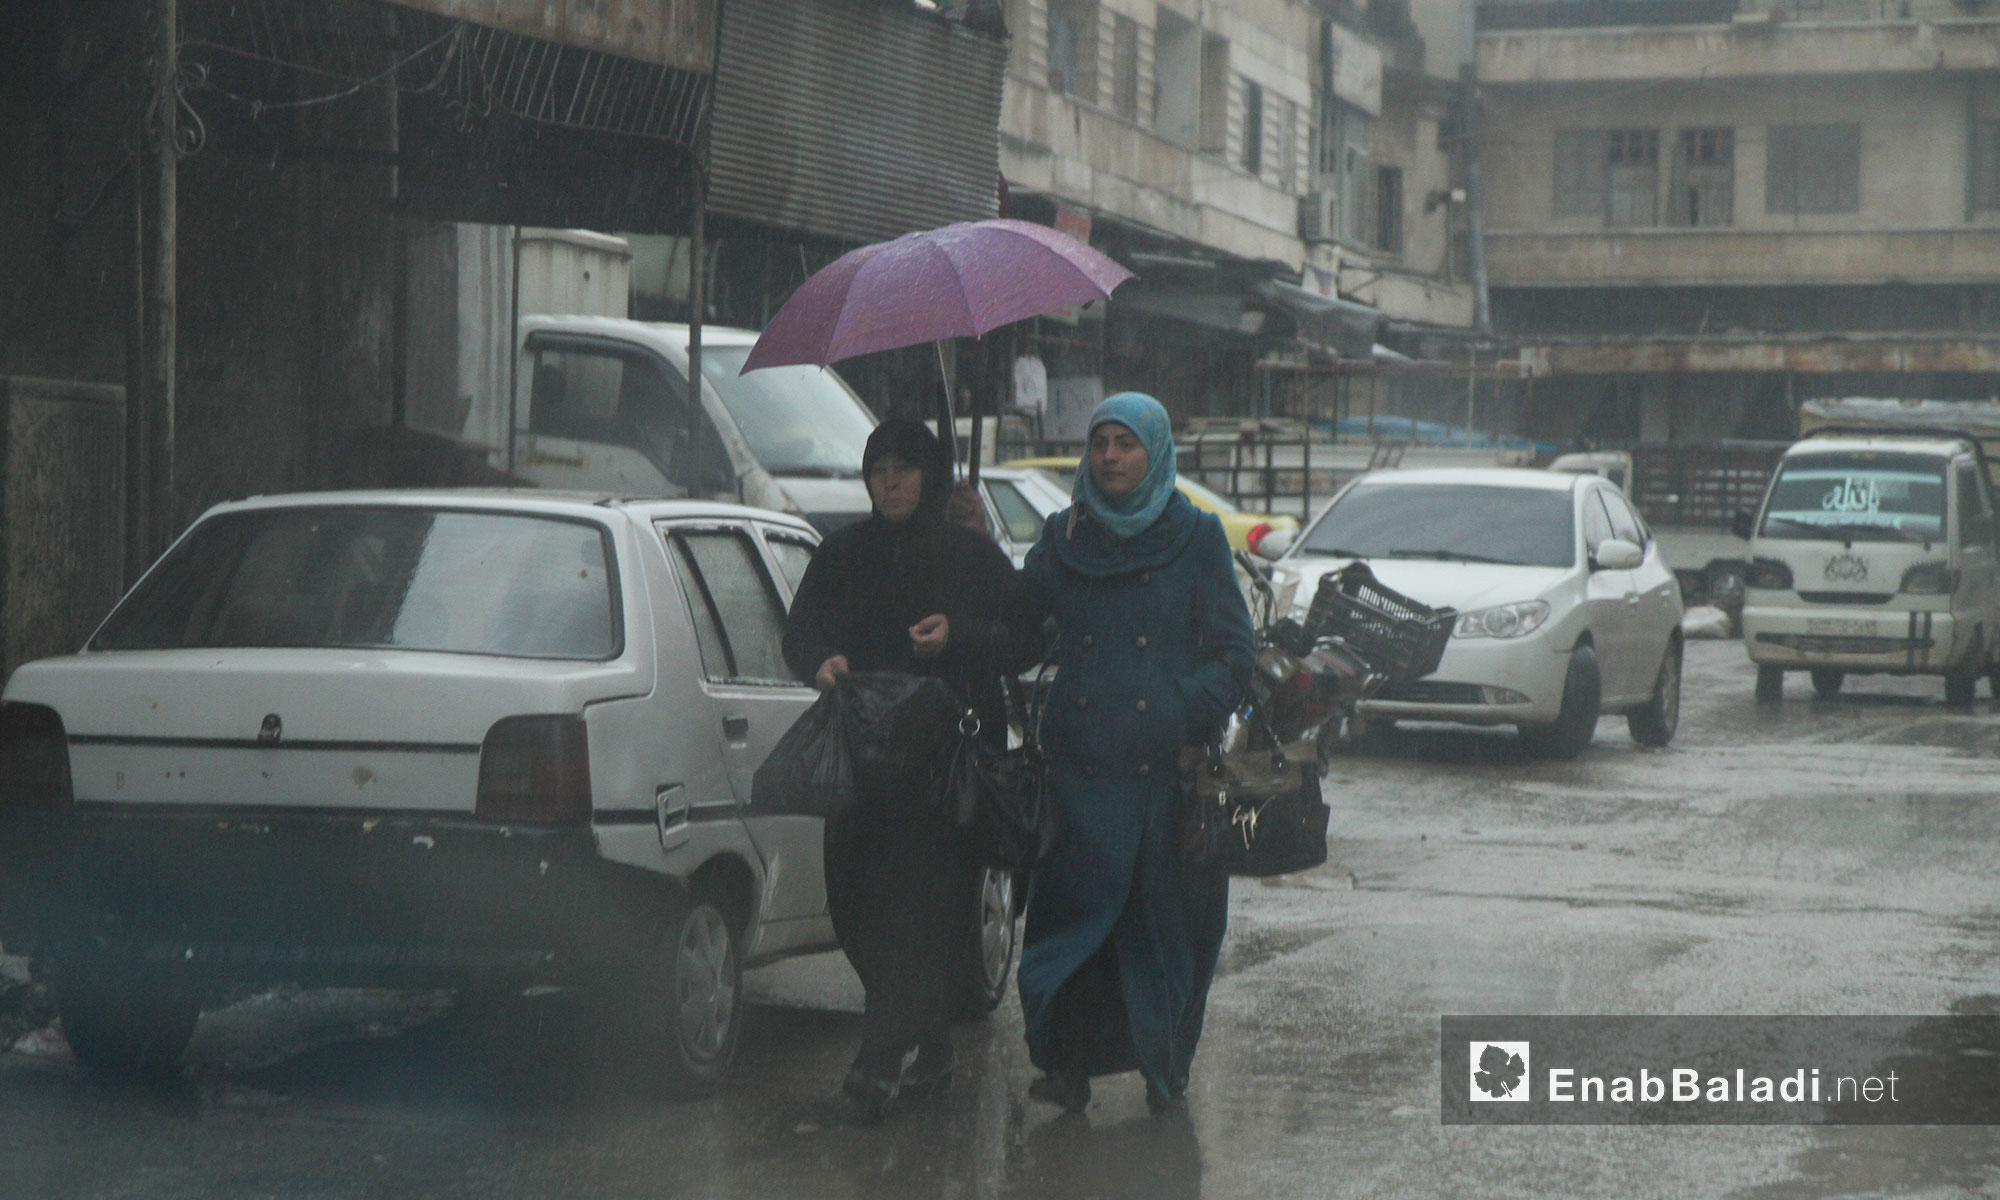 من سكان مدينة إدلب إثناء تساقط الأمطار - 11 آذار 2017 (عنب بلدي)